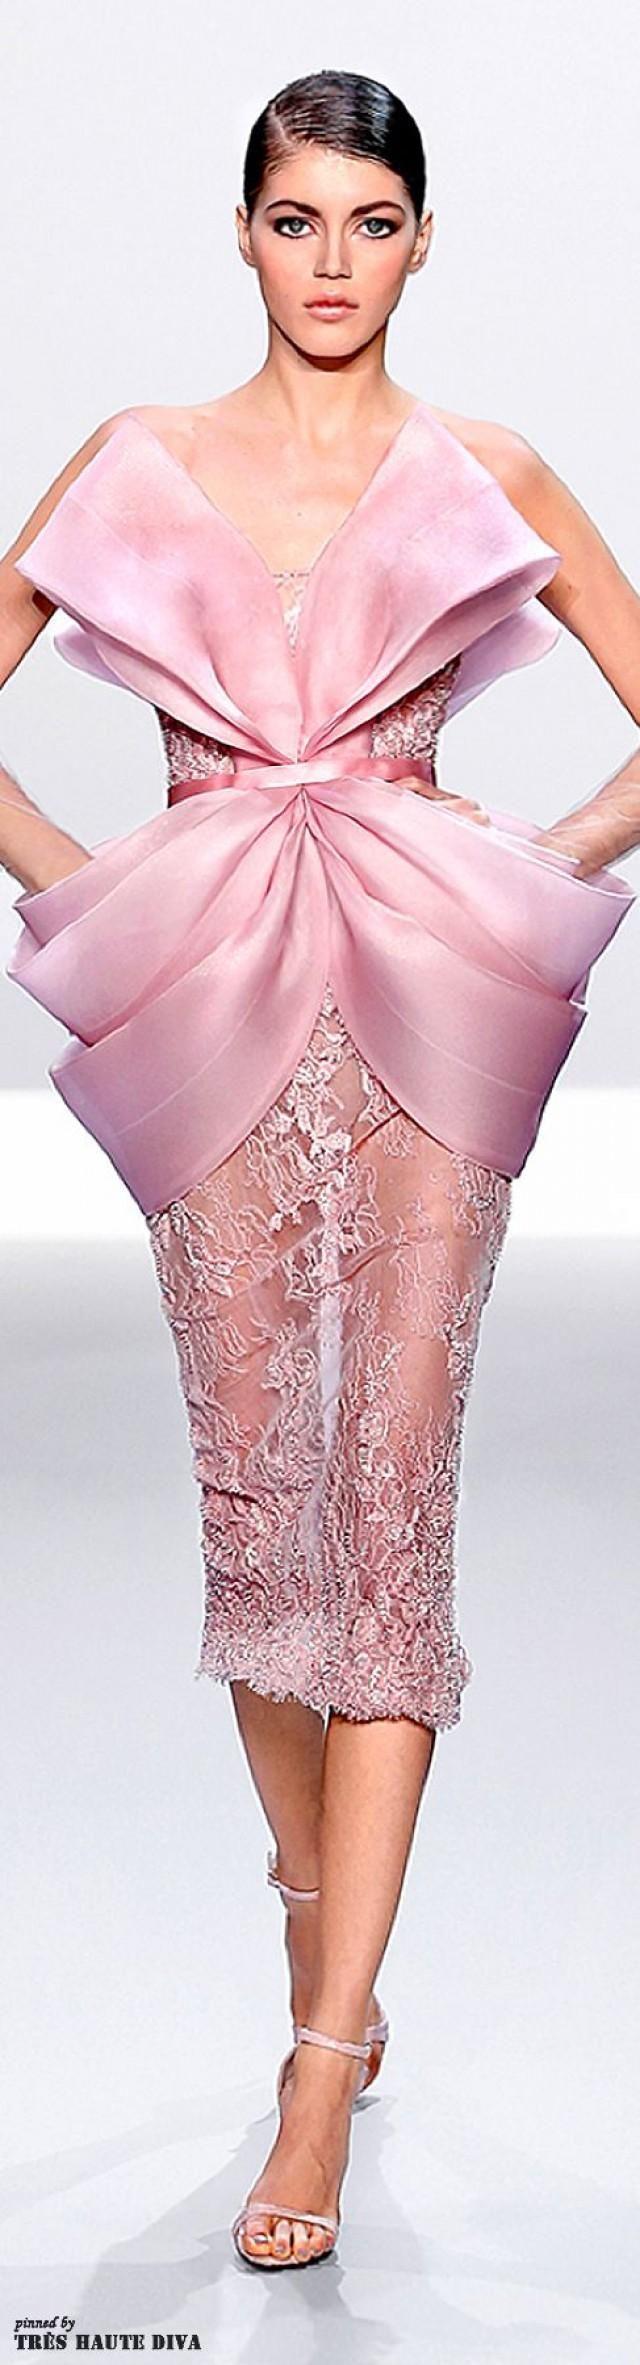 ber ideen zu pastell rosane kleider auf pinterest. Black Bedroom Furniture Sets. Home Design Ideas